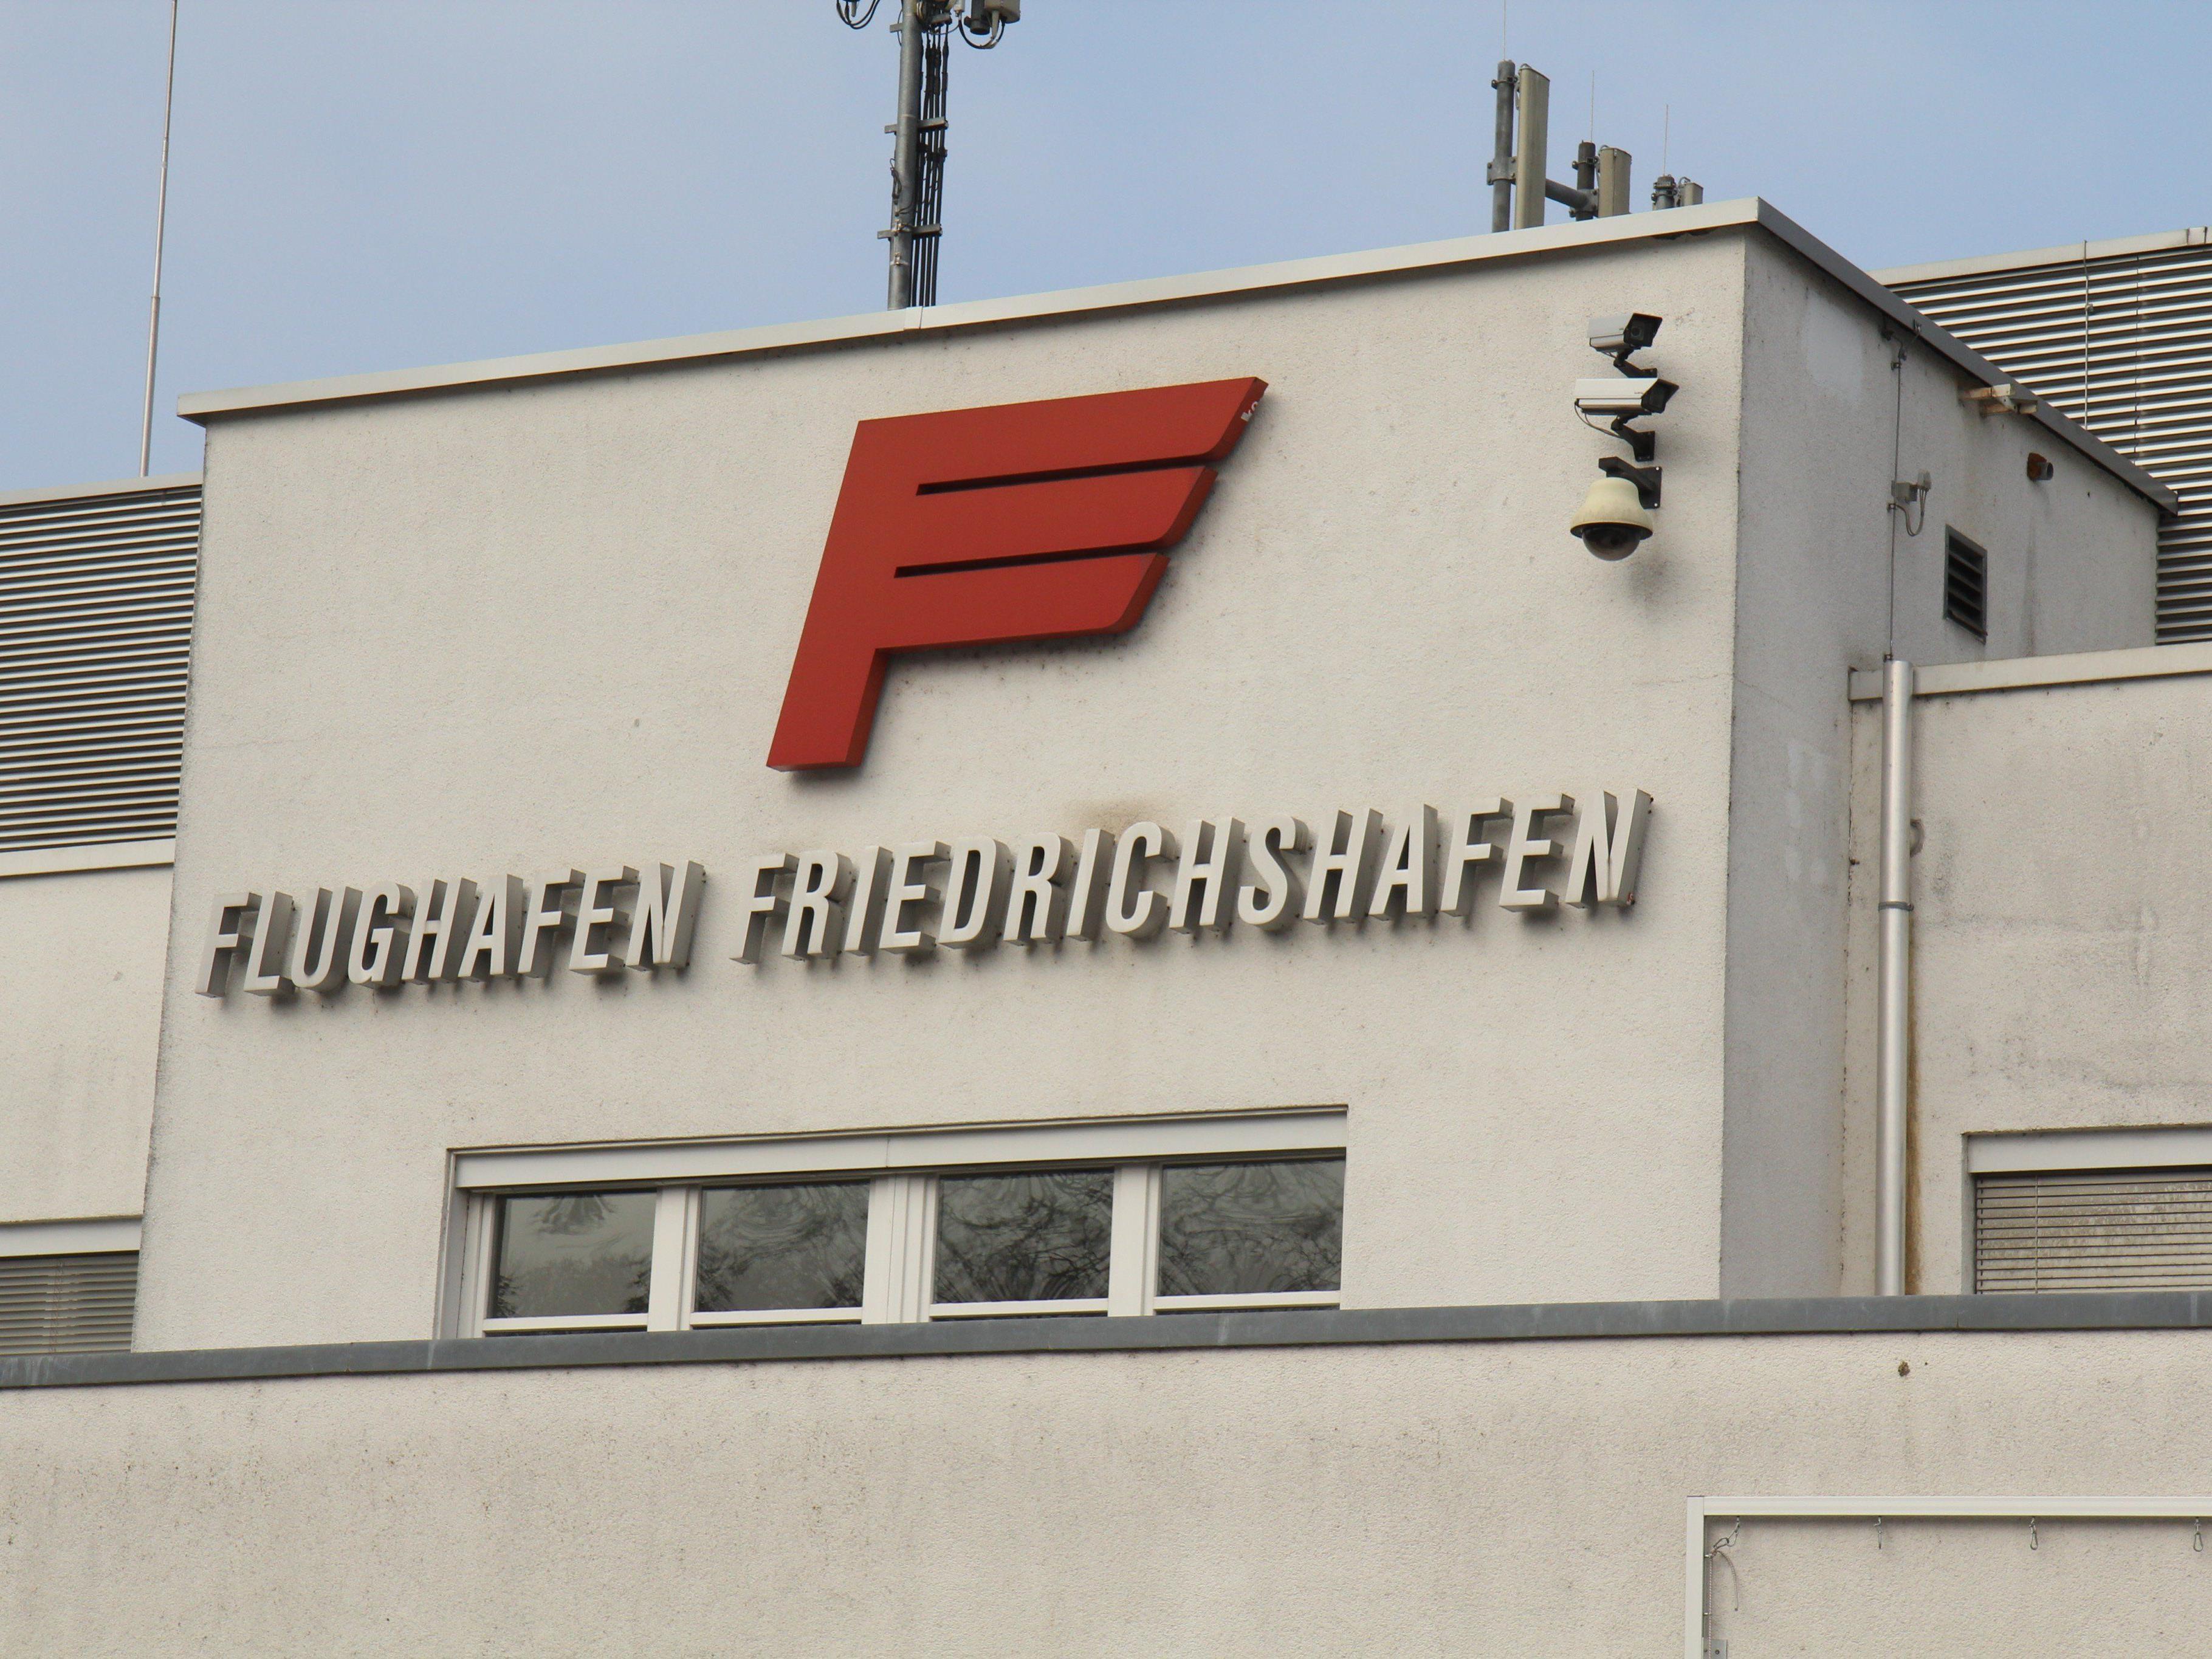 Flughafen Wien verkauft Beteiligung an Airport Friedrichshafen